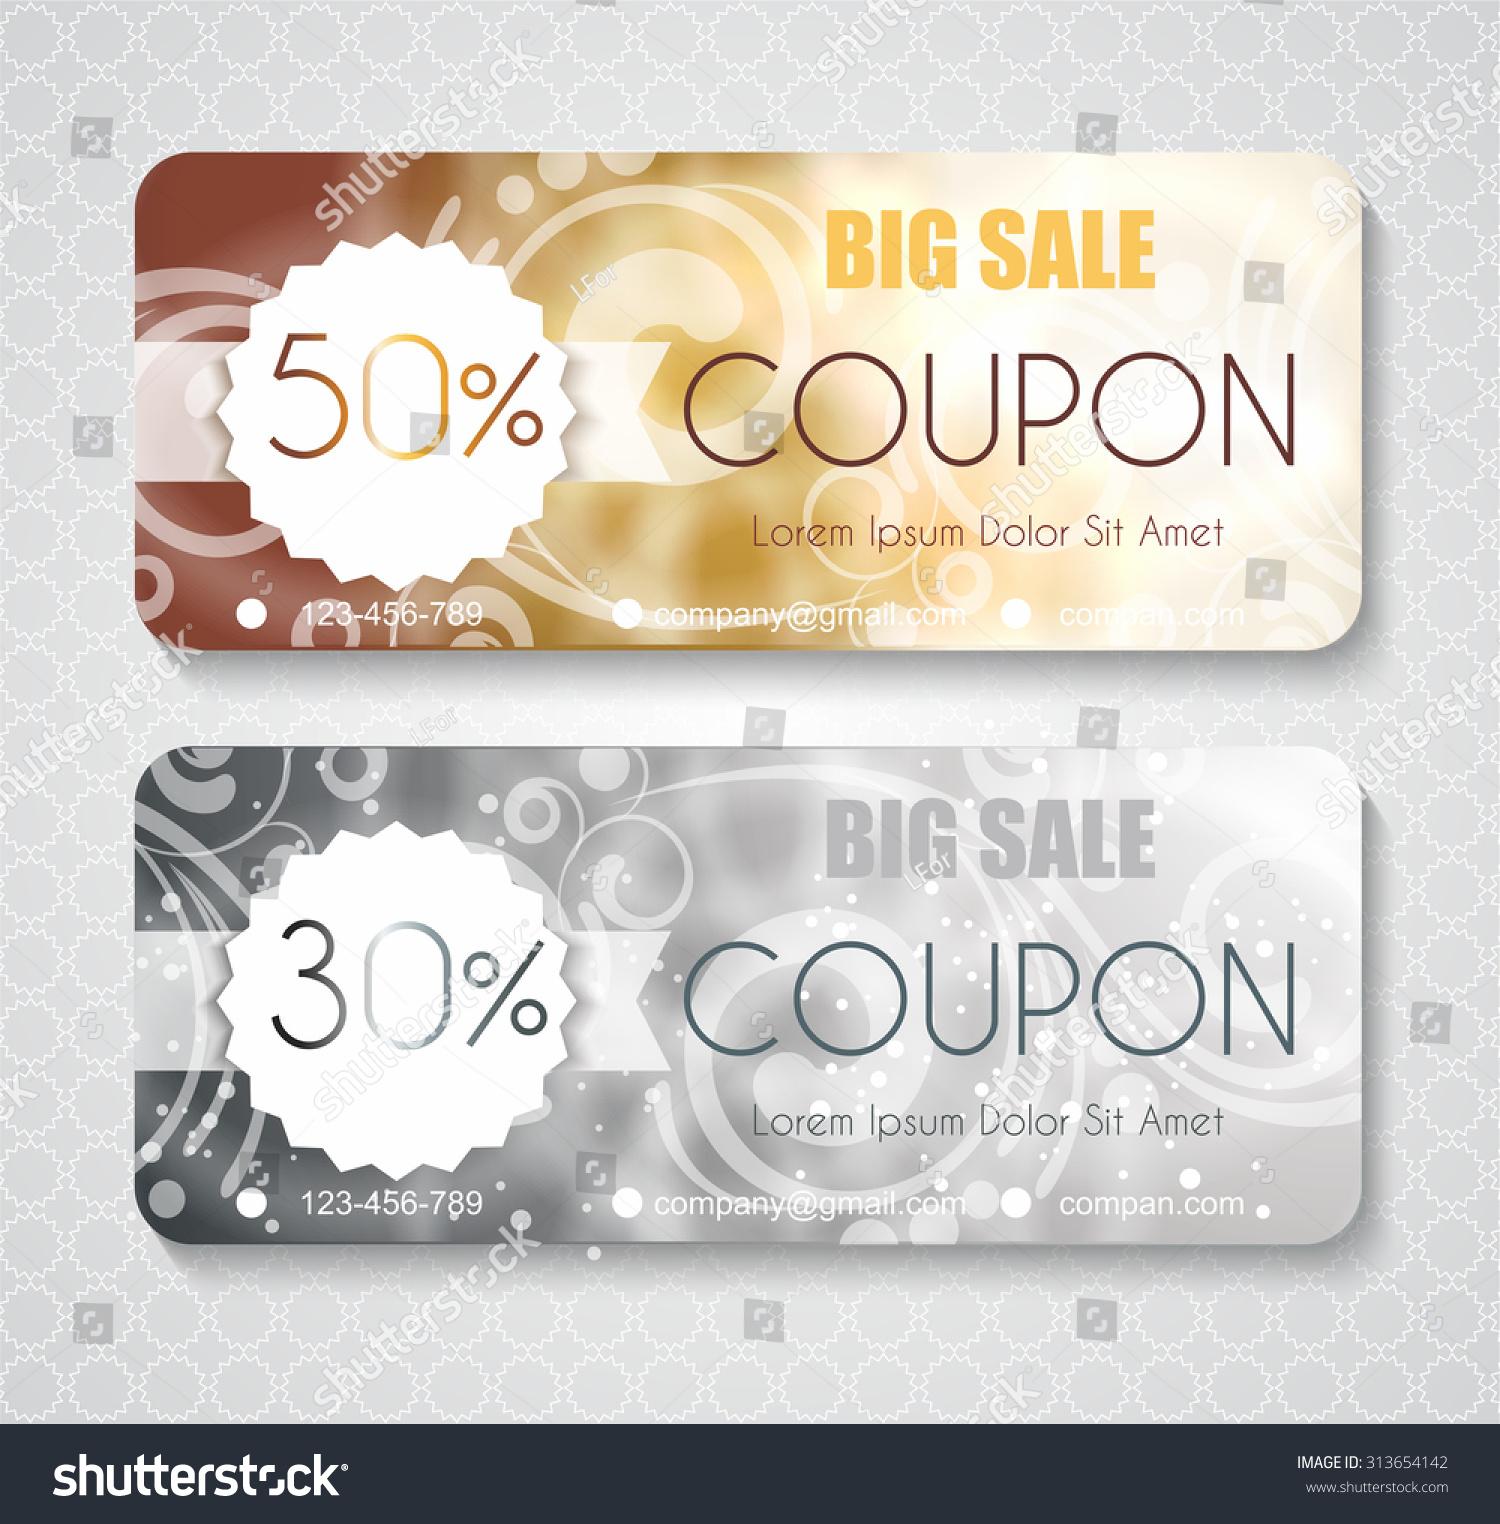 Blank Coupons Templates coupon templates printable blank coupons – Discount Coupons Templates